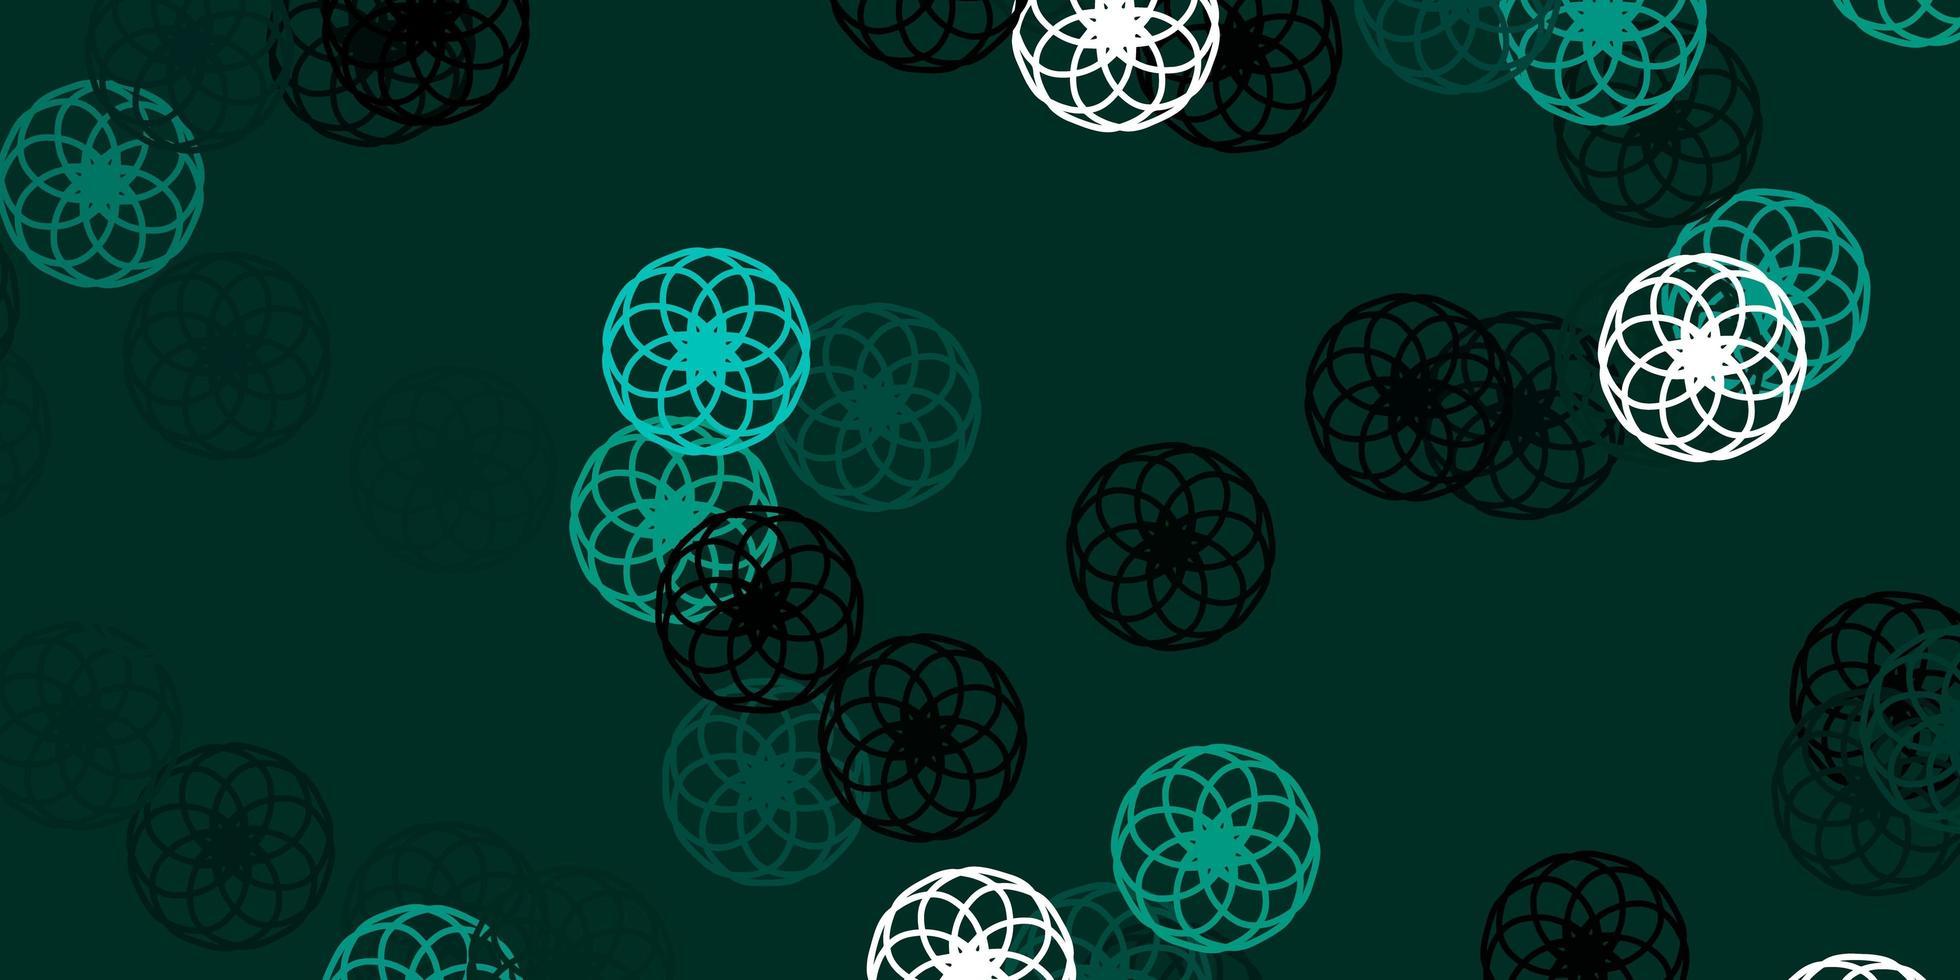 modèle vectoriel vert clair avec des sphères